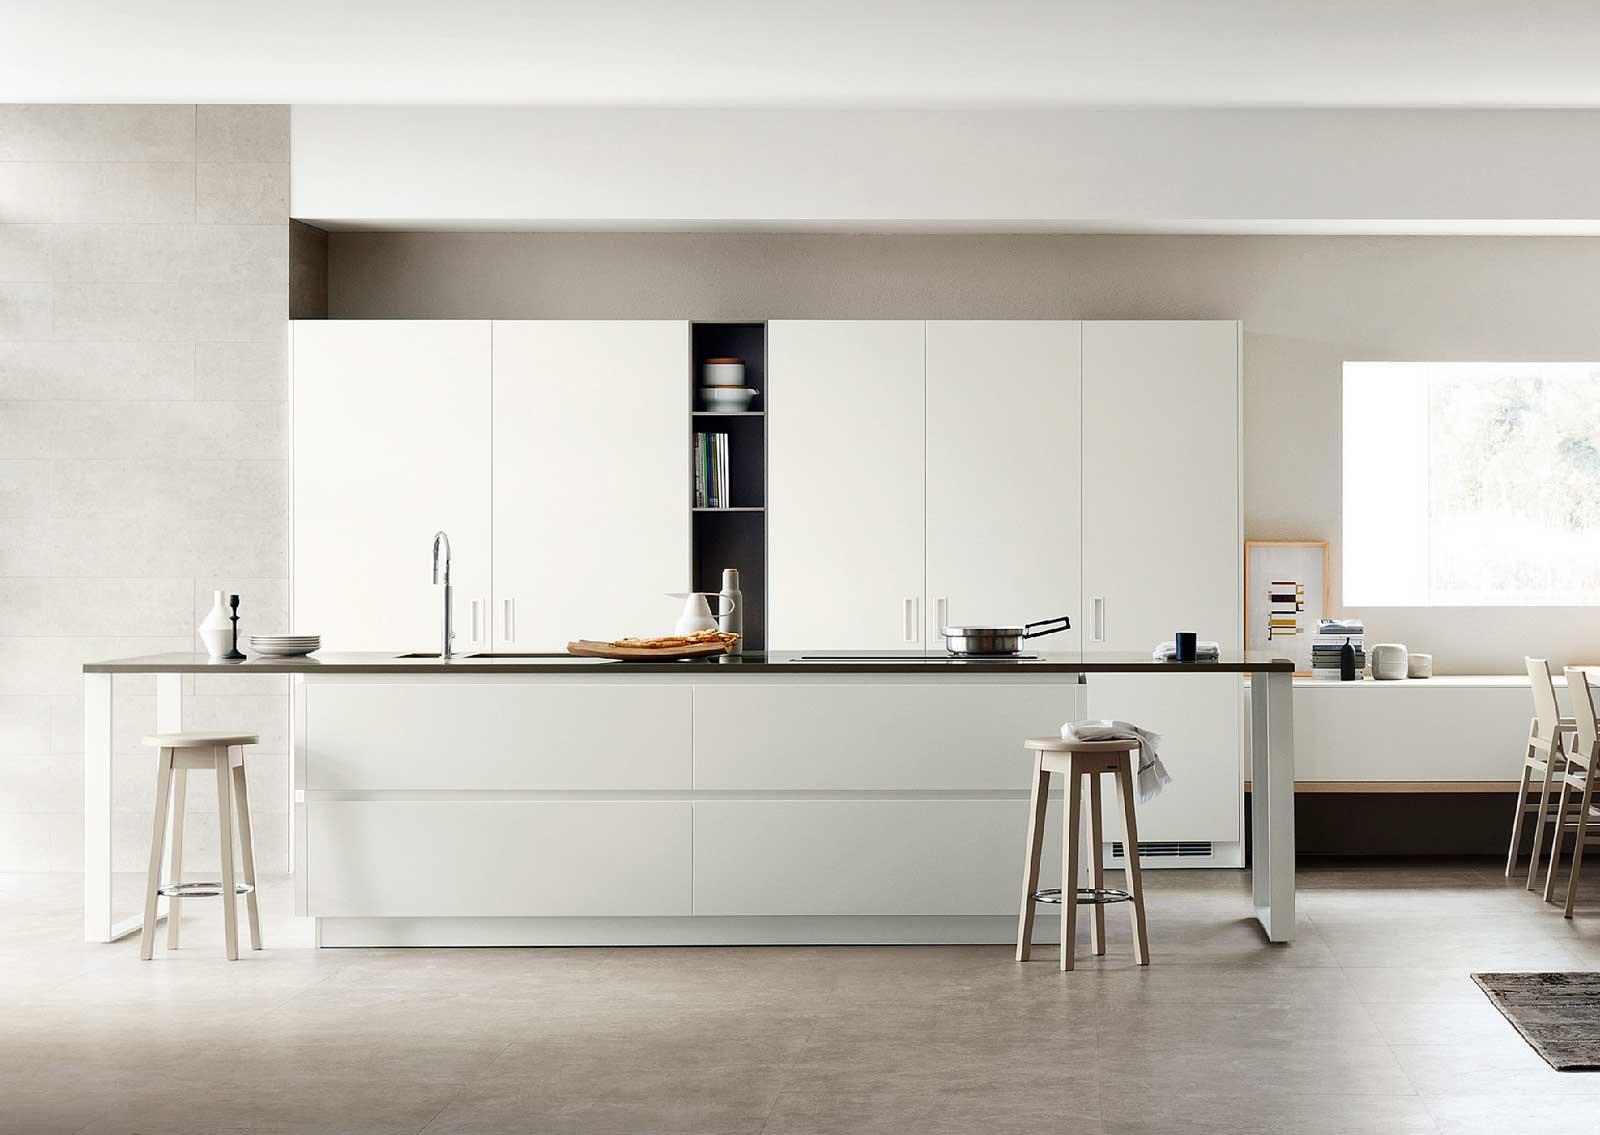 Progettare bene la cucina per aspiranti chef cose di casa - Disegnare una cucina componibile ...